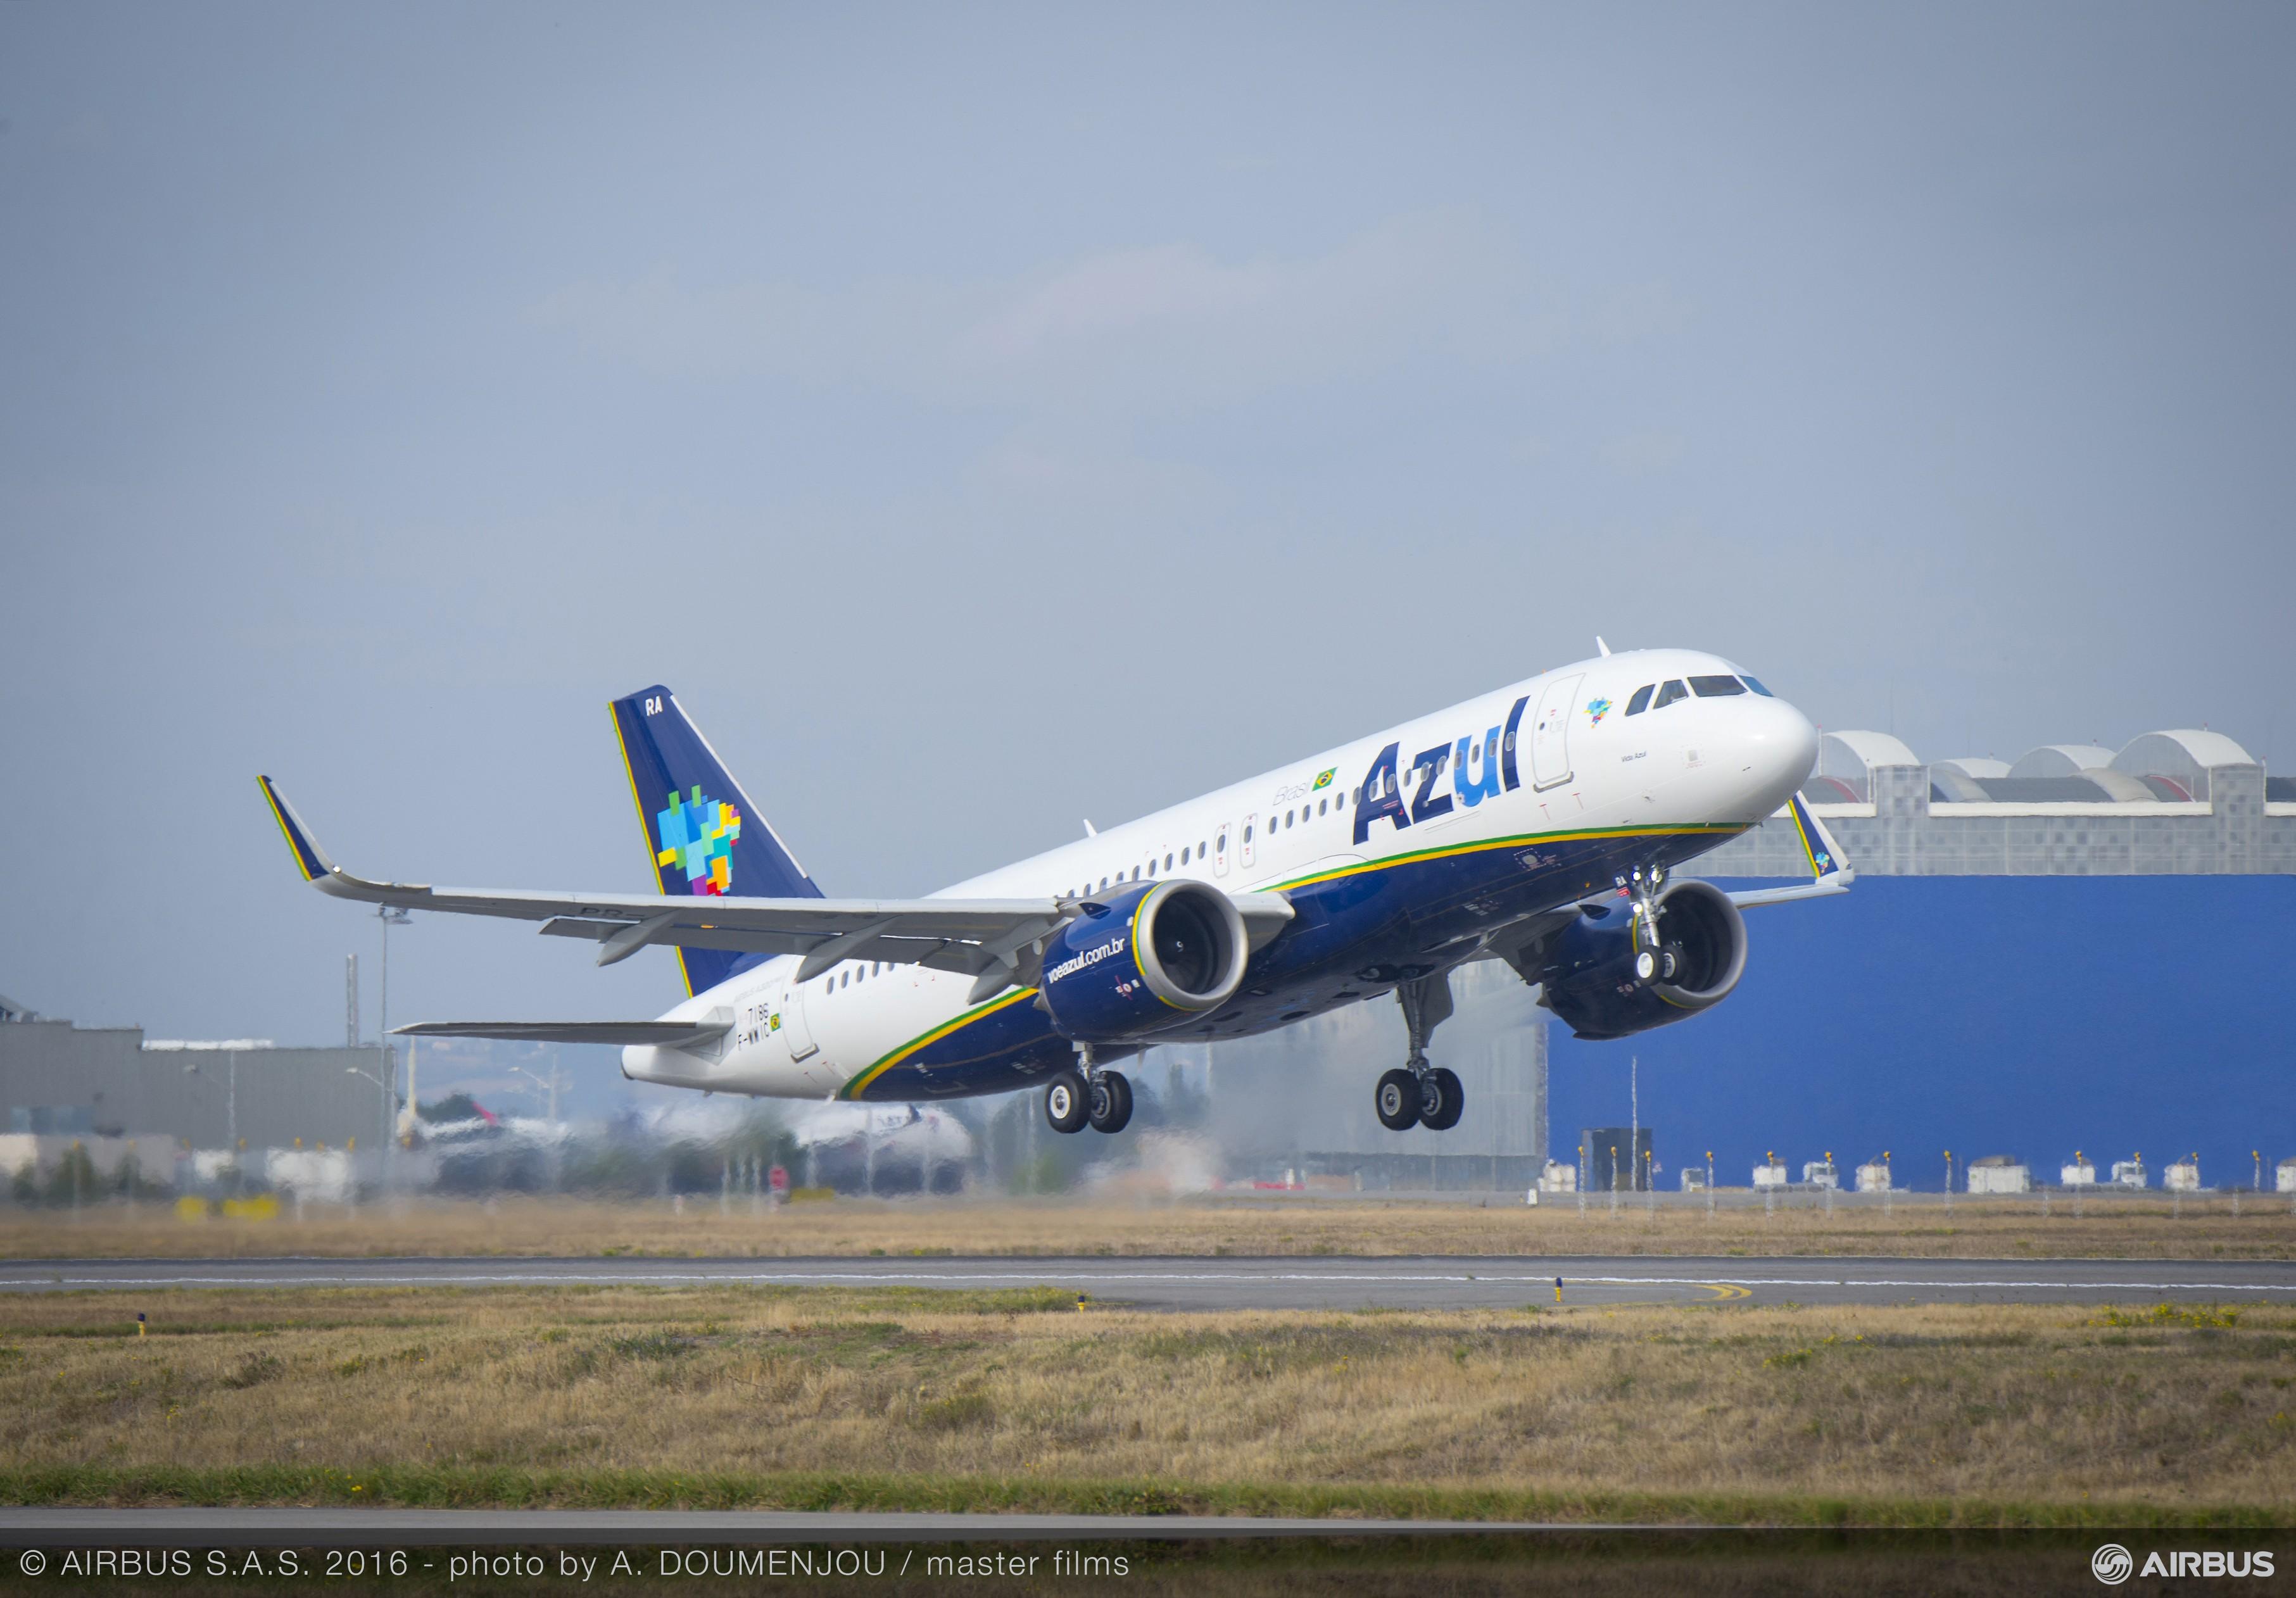 Empresa cancela voo e mantém crianças de BH sozinhas por mais de 10h em aeroporto da Bahia